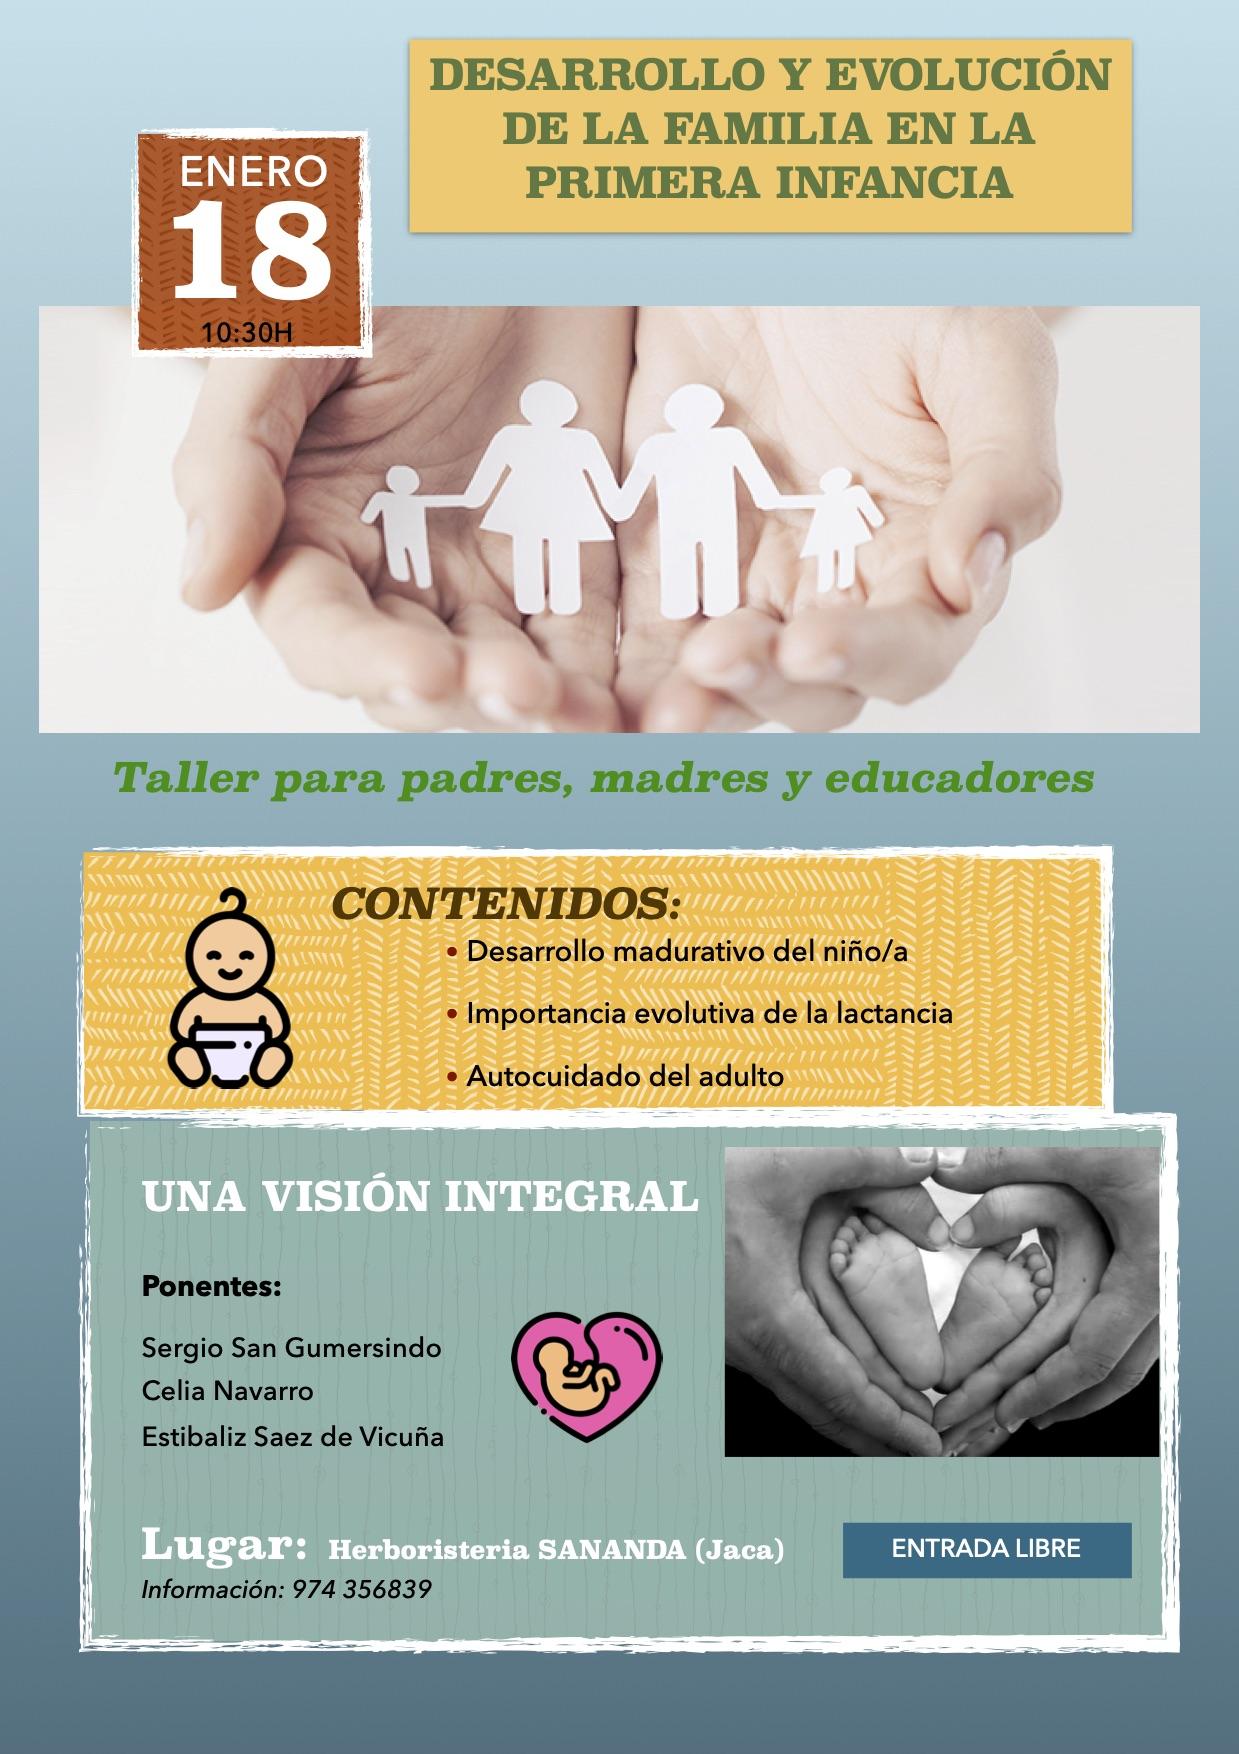 cartel desarrollo y evolucion-JPG